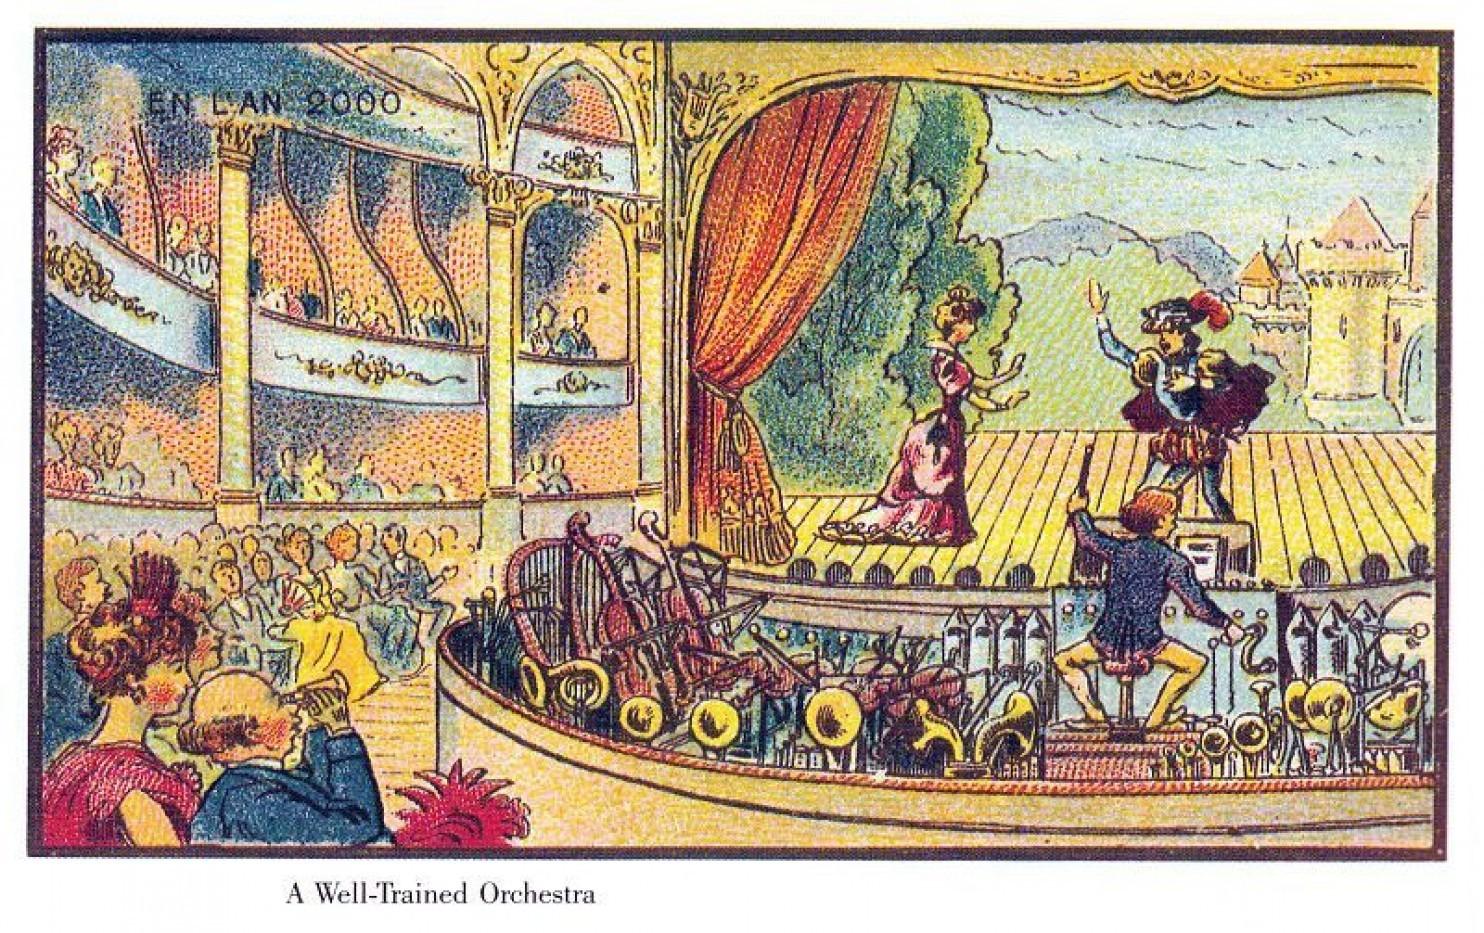 como imaginaban el futuro en 1900 ilustraciones 8